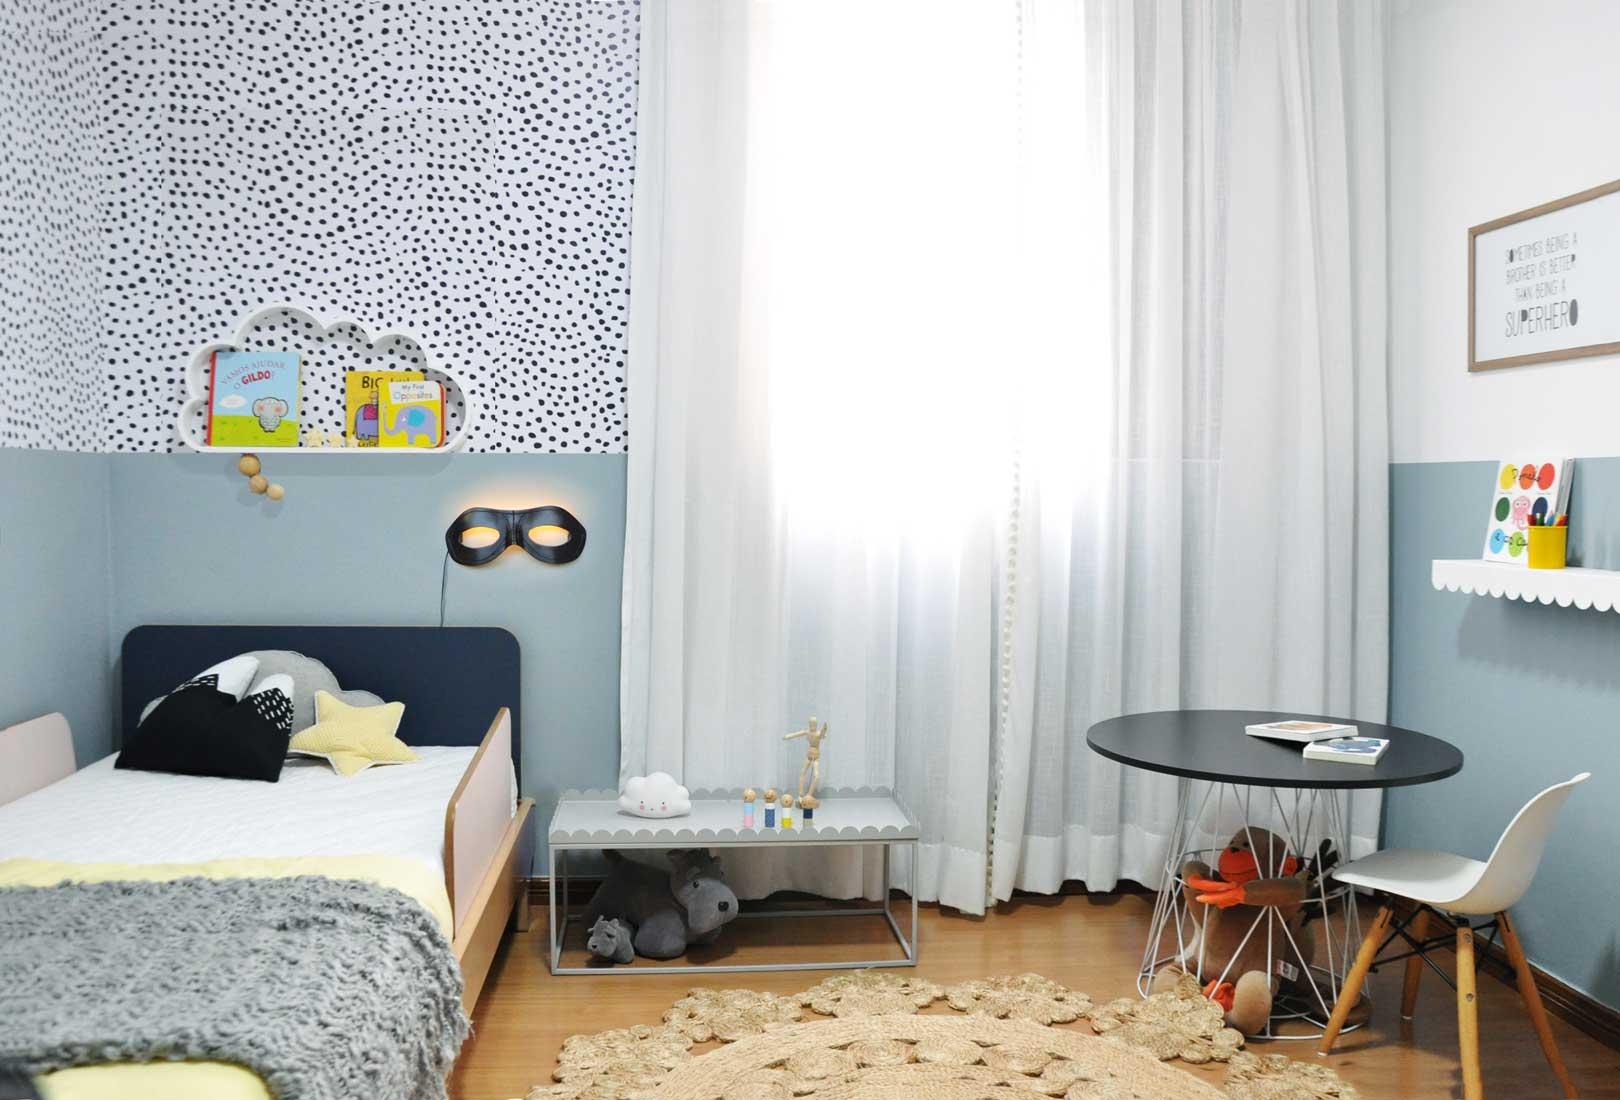 Imagem ilustrativa de um modelo de quarto infantil escandinavo utilizando a mesa infantil Mime, produto da Cadô Design, como suporte para objetos.